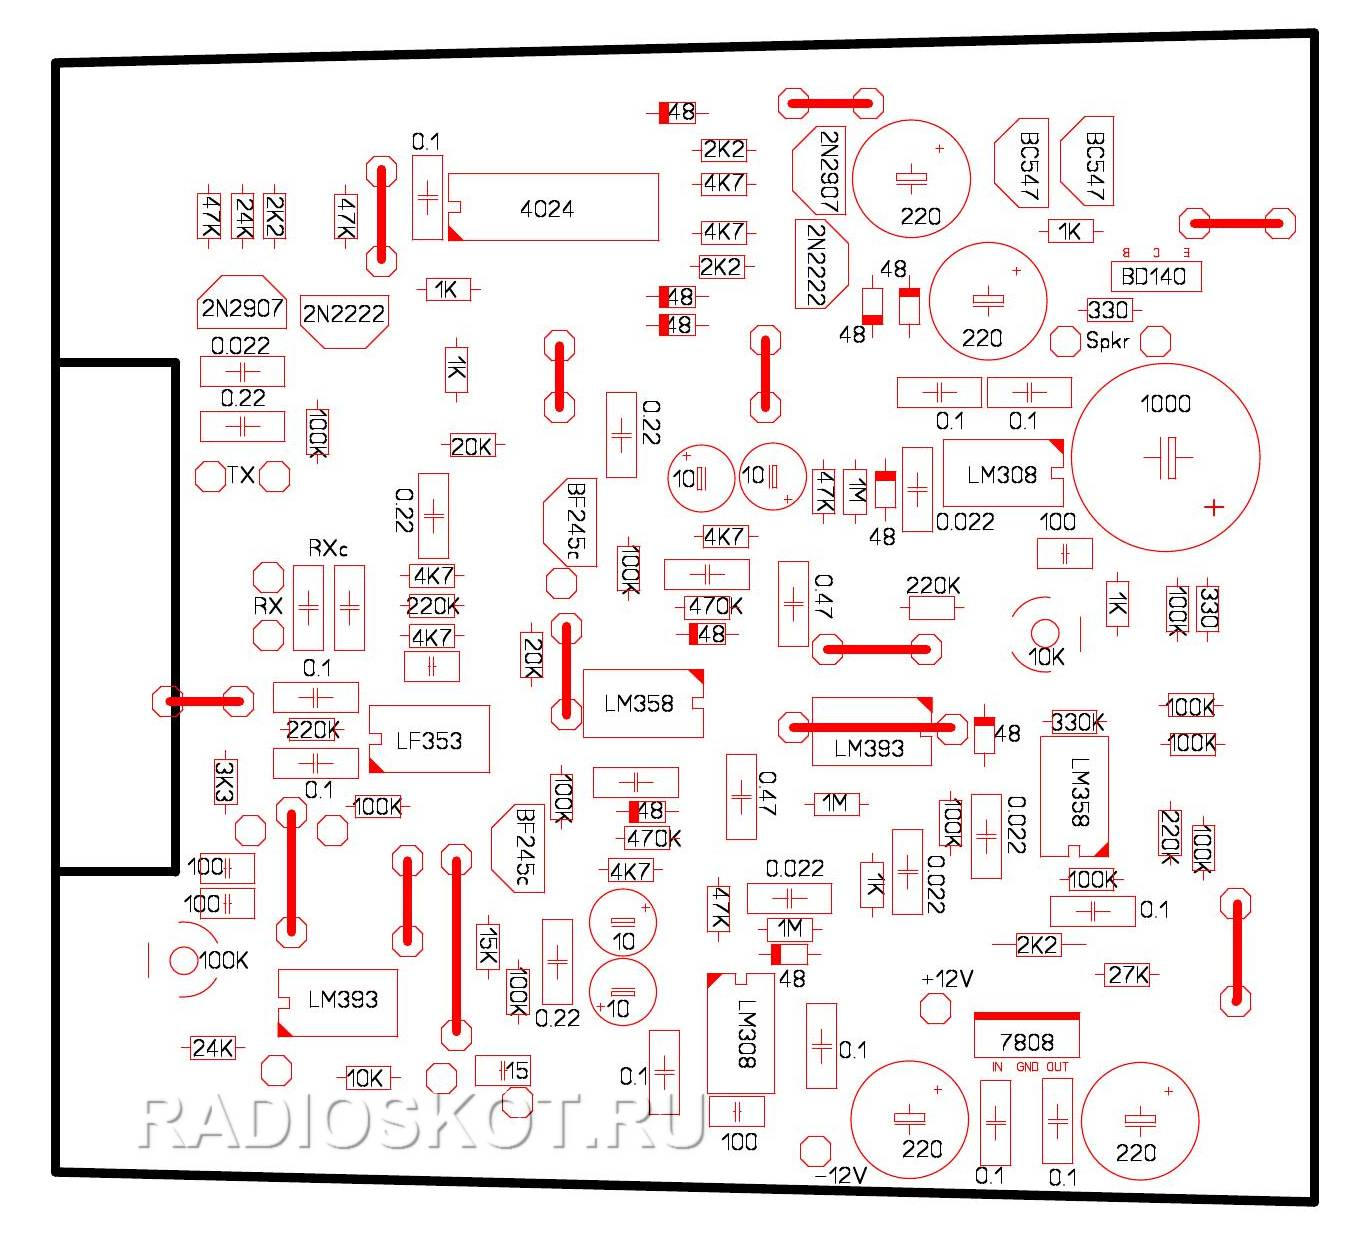 Металлоискатель тесоро схема